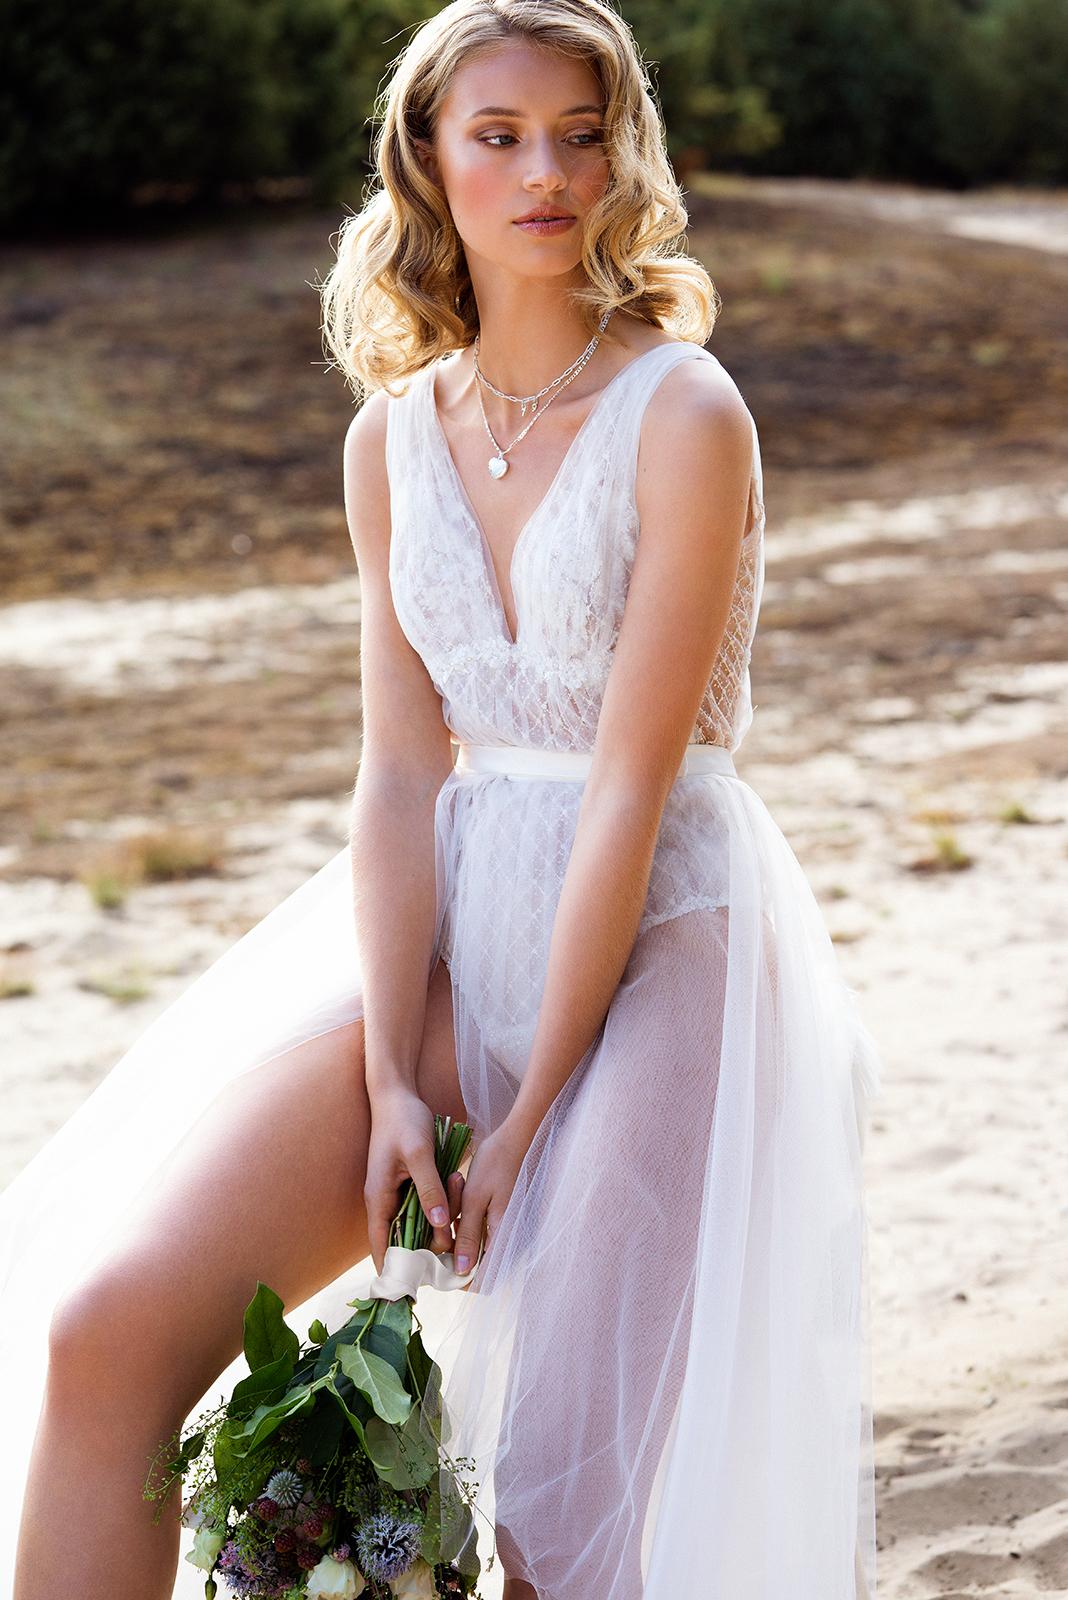 Blonde Frau trägt ein weißes Brautkleid bestehend aus Tüllrock und Tüllbody. Sie hält einen Blumenstrauß in der Hand.